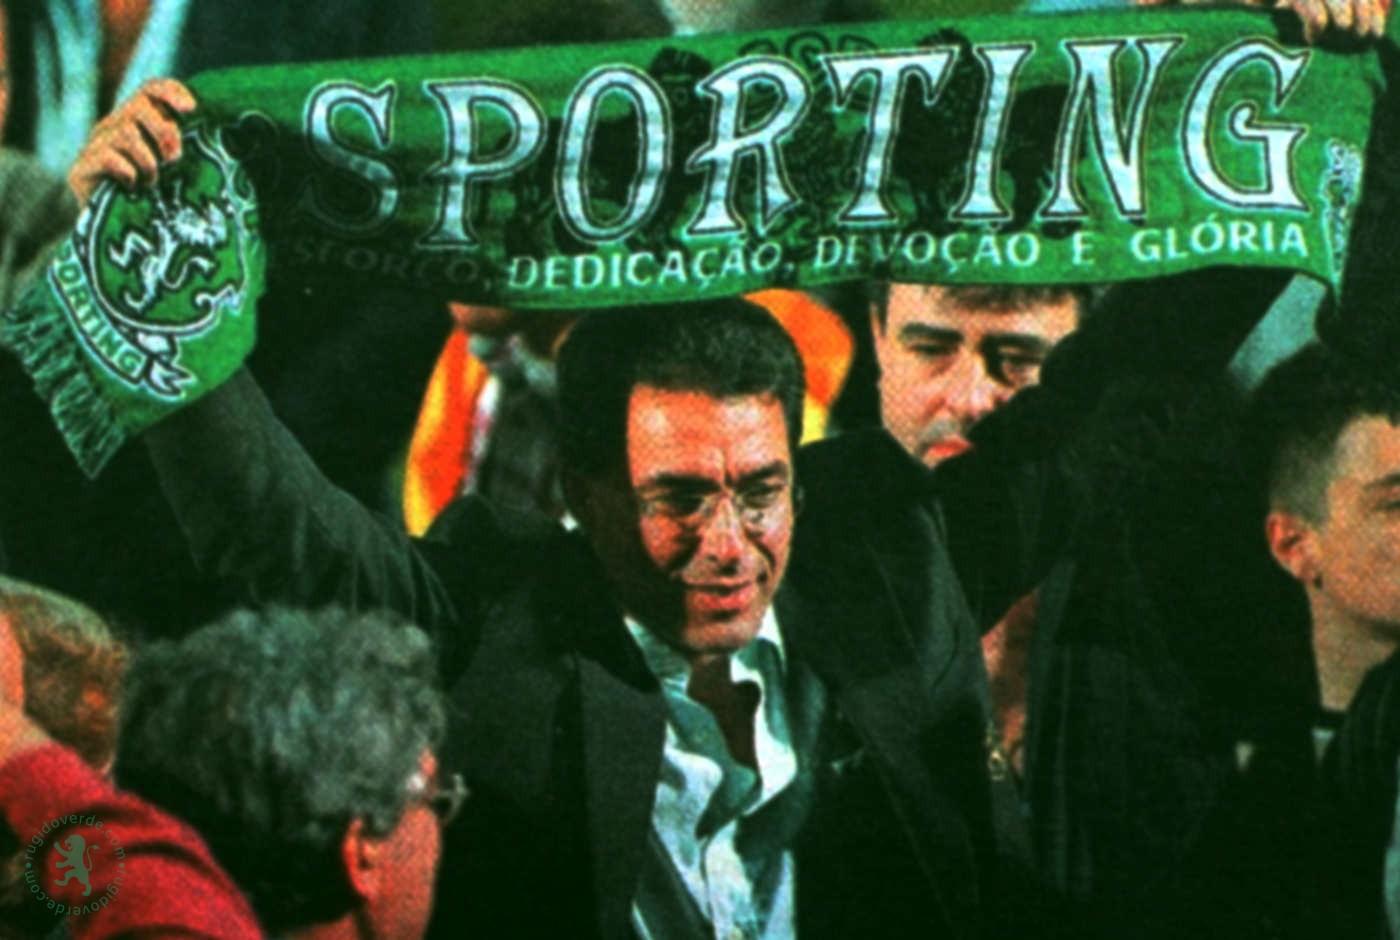 O Sporting vence 4-0 em Vidal Pinheiro e conquista pela 21ª vez o título máximo do futebol nacional